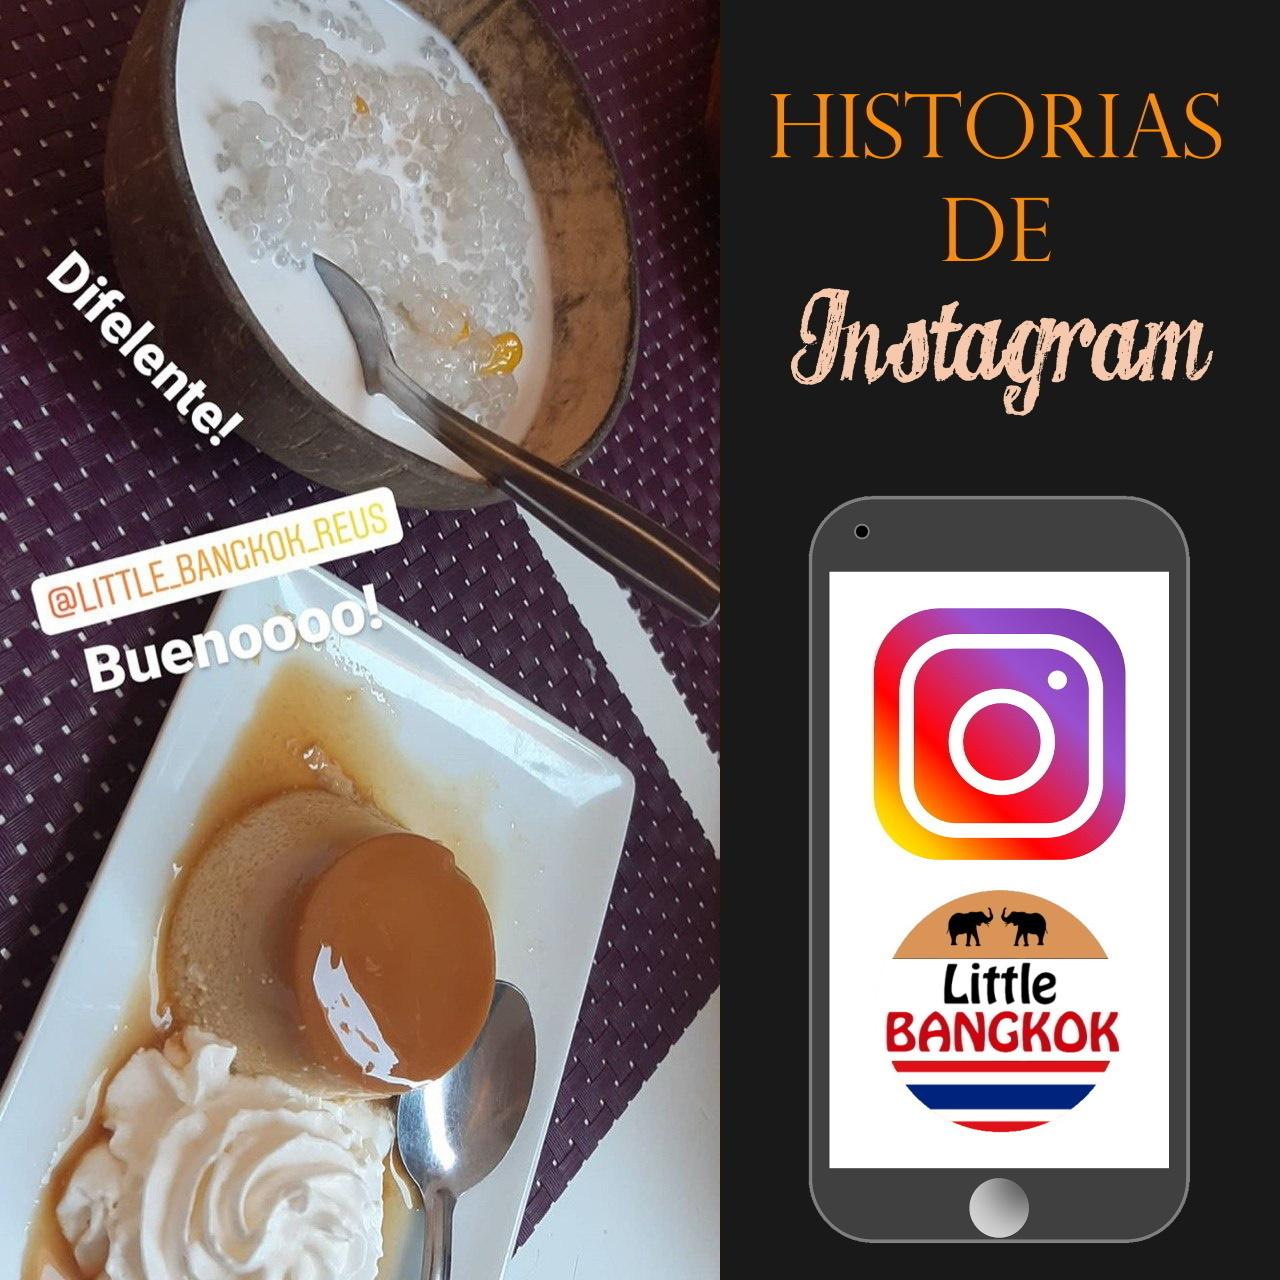 Historias de Instagram - Setembre Semana 3a